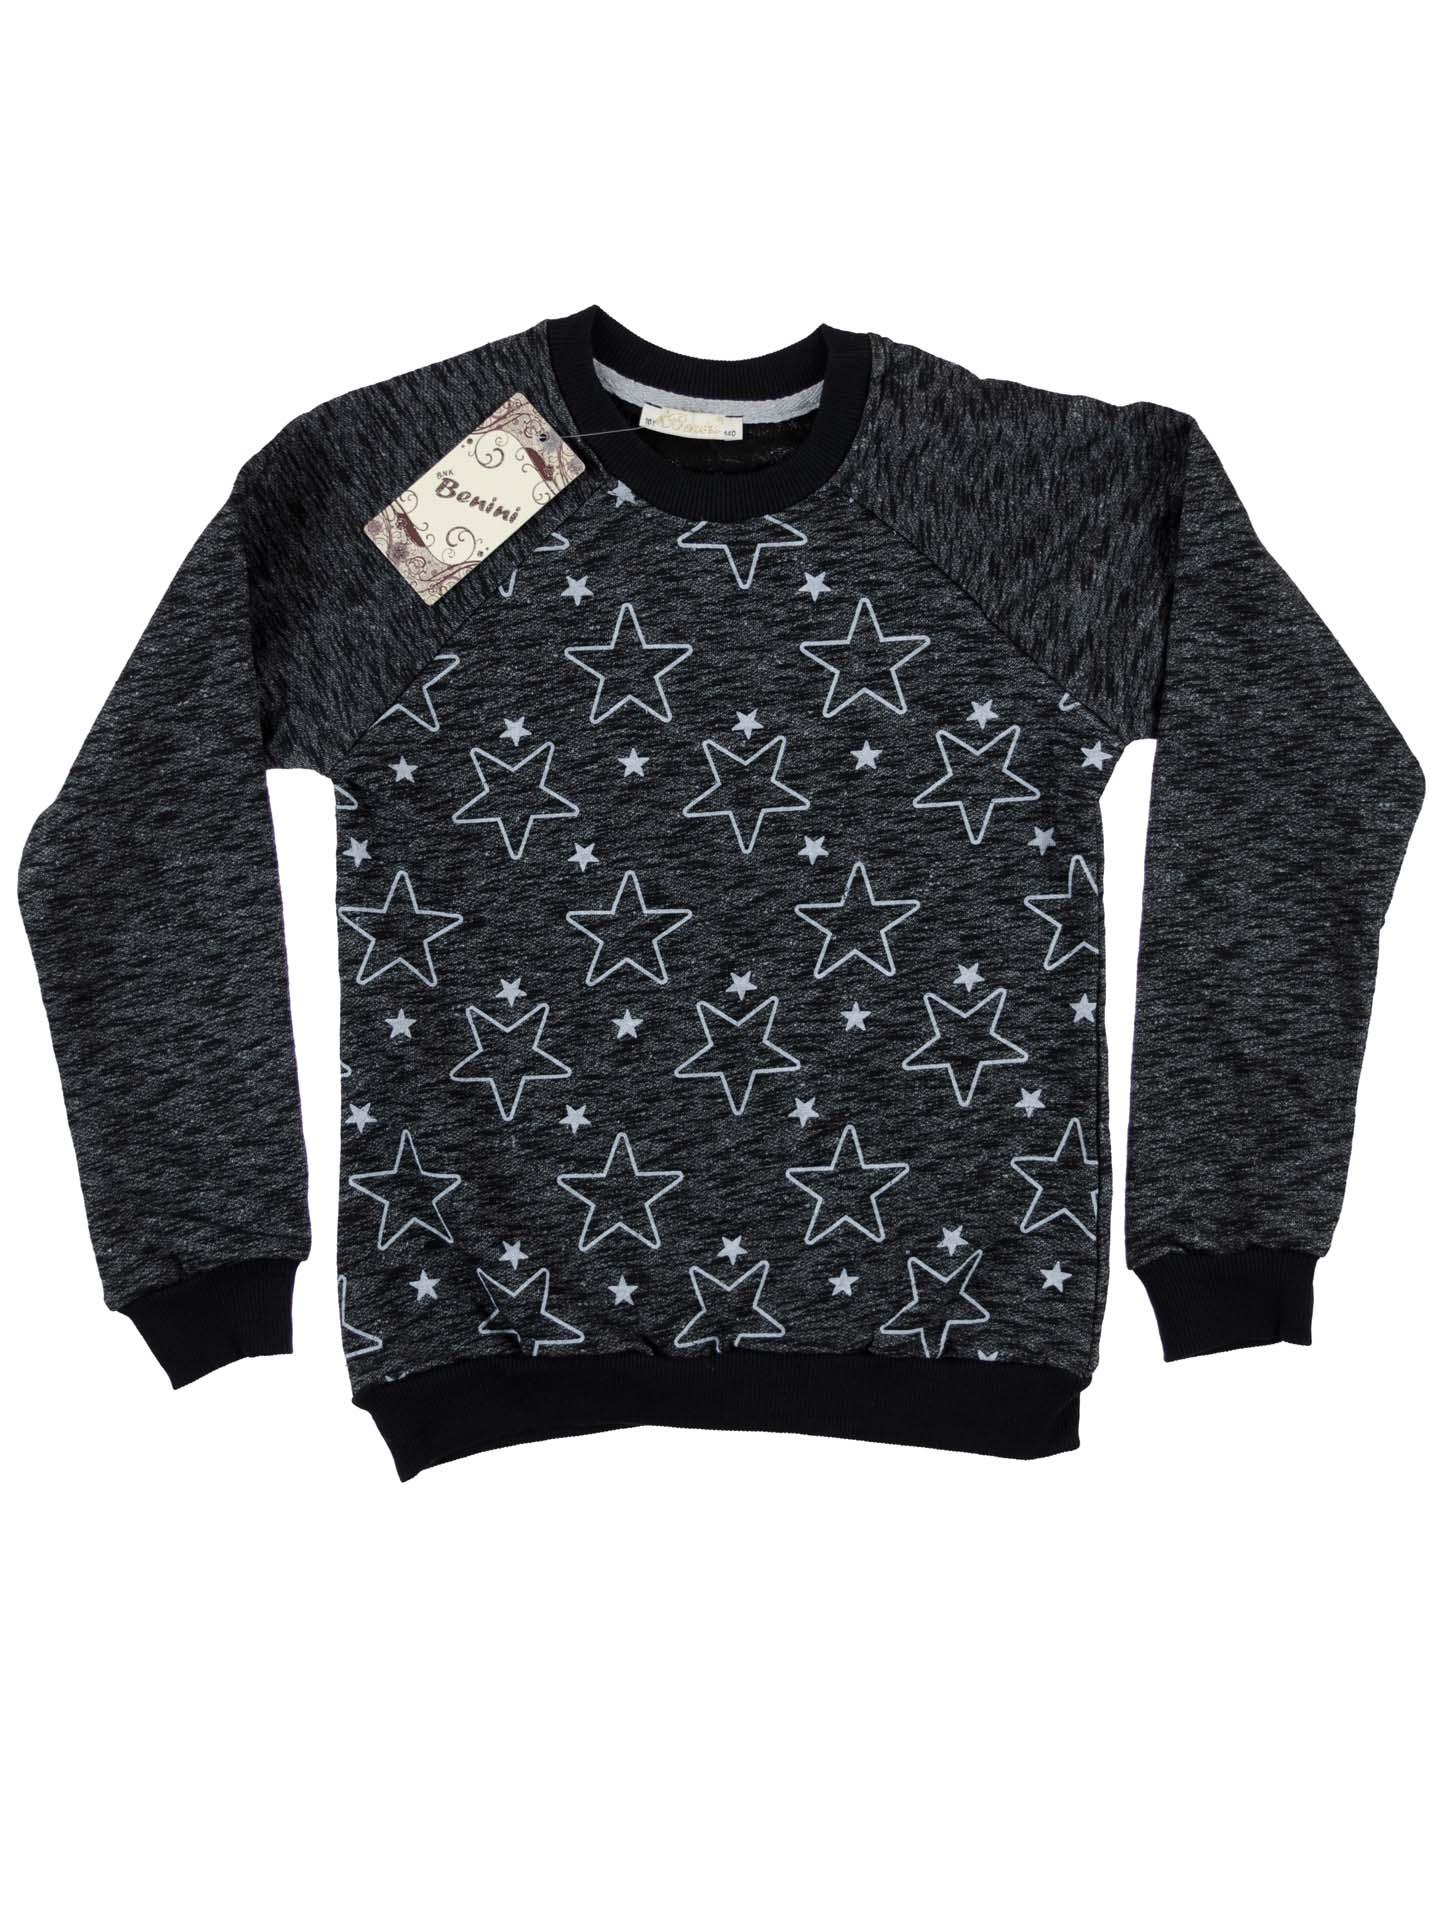 Купити Теплий светр для дівчинки Benini  1a323dff0dcd9